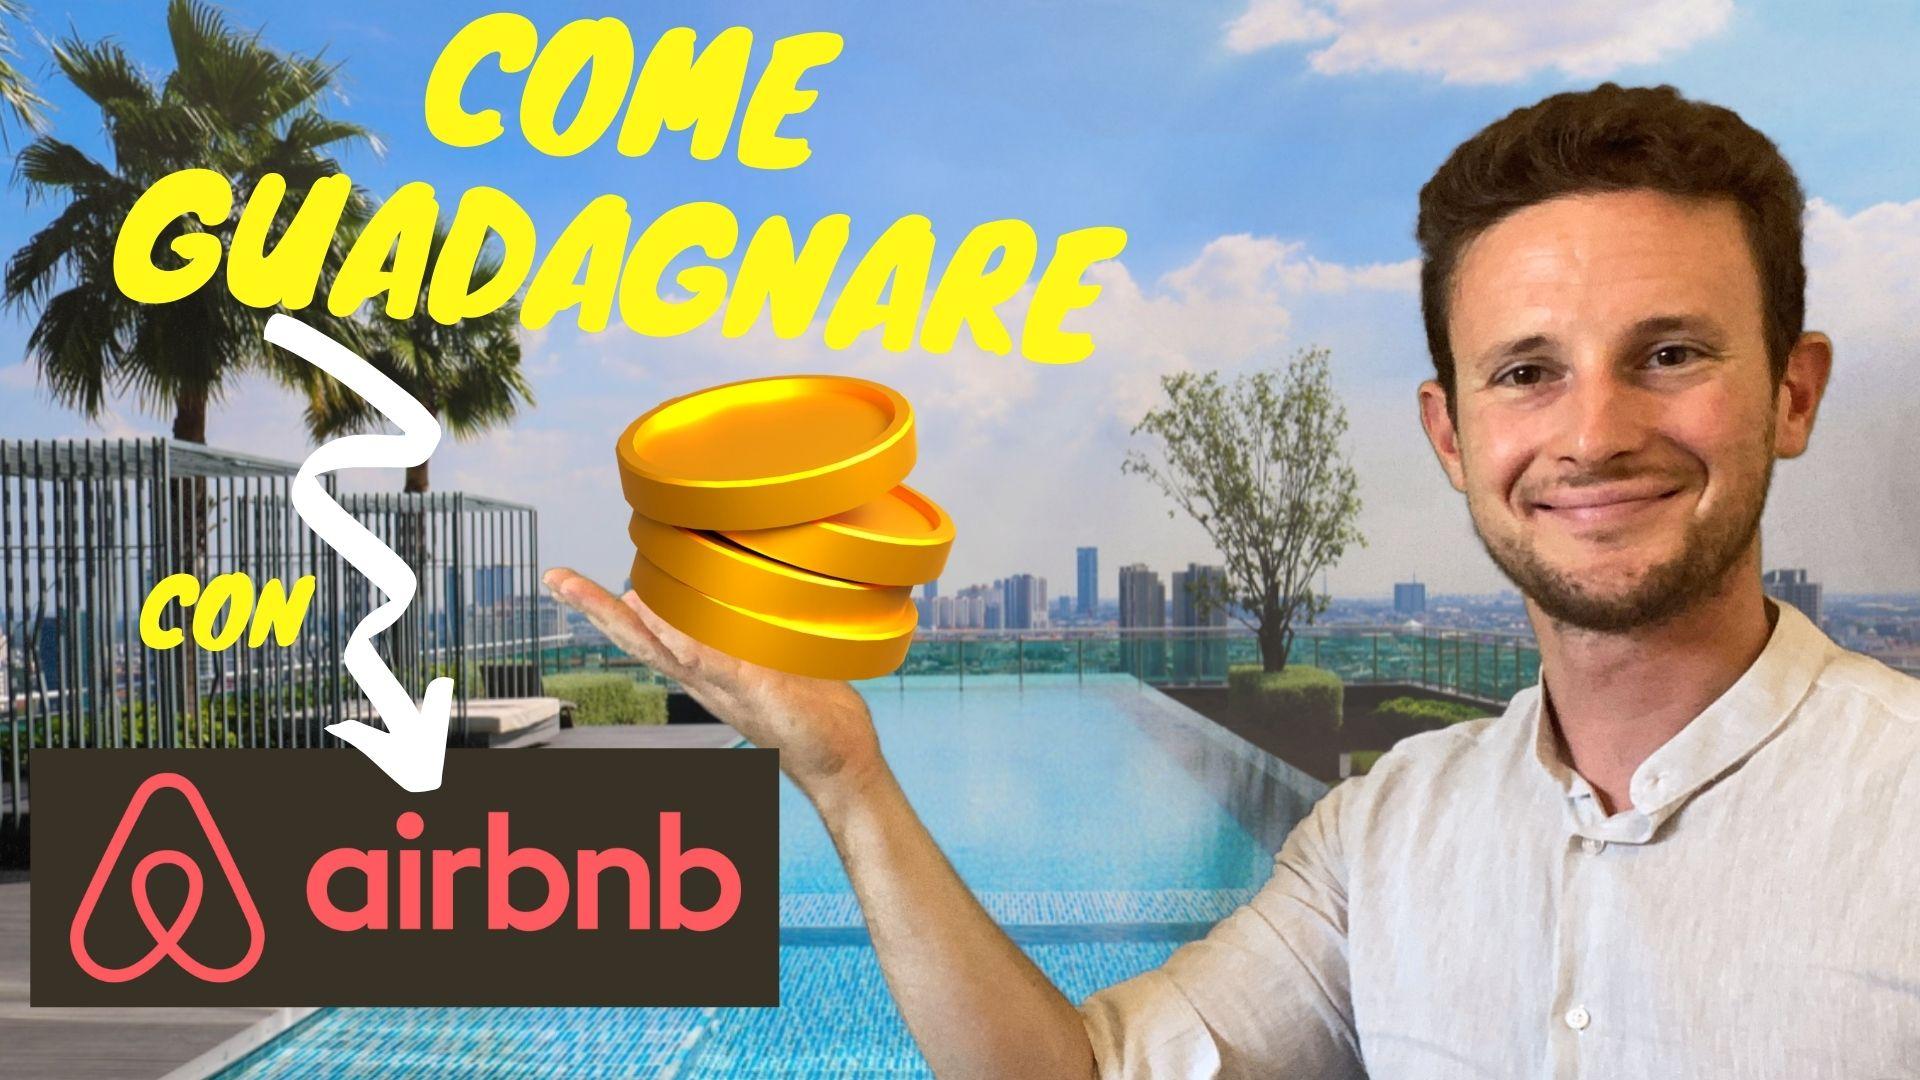 guadagnare con Airbnb